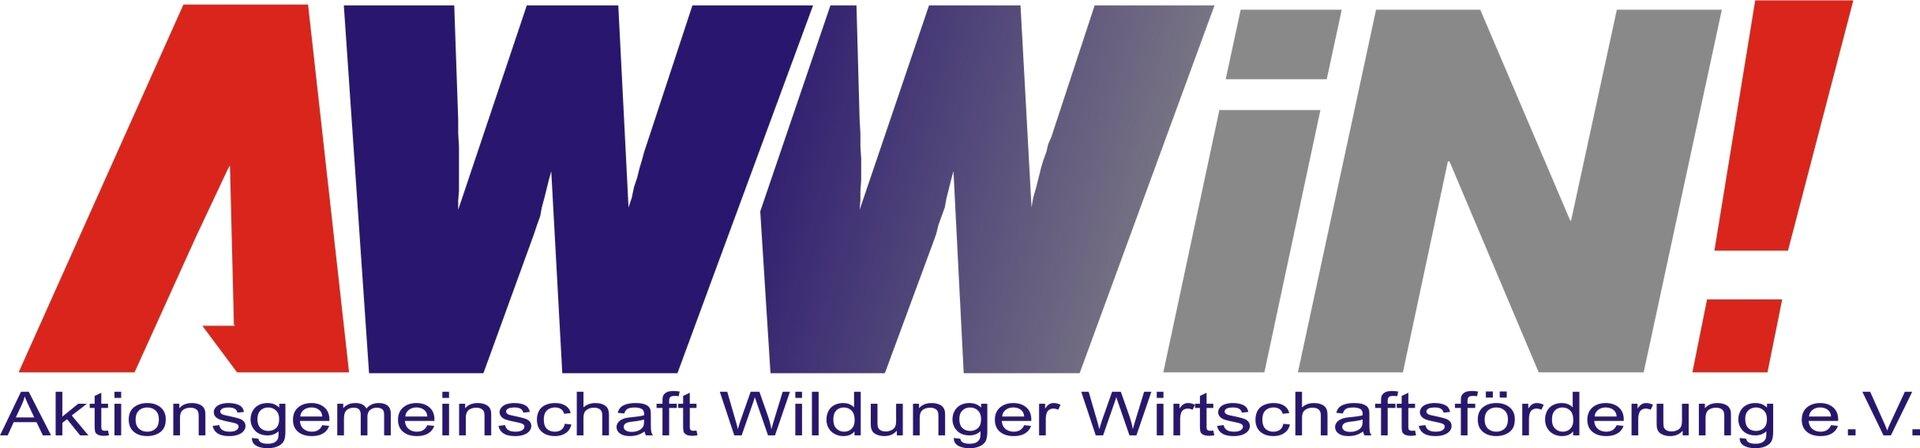 Aktionsgemeinschaft Wildunger Wirtschaftsförderung